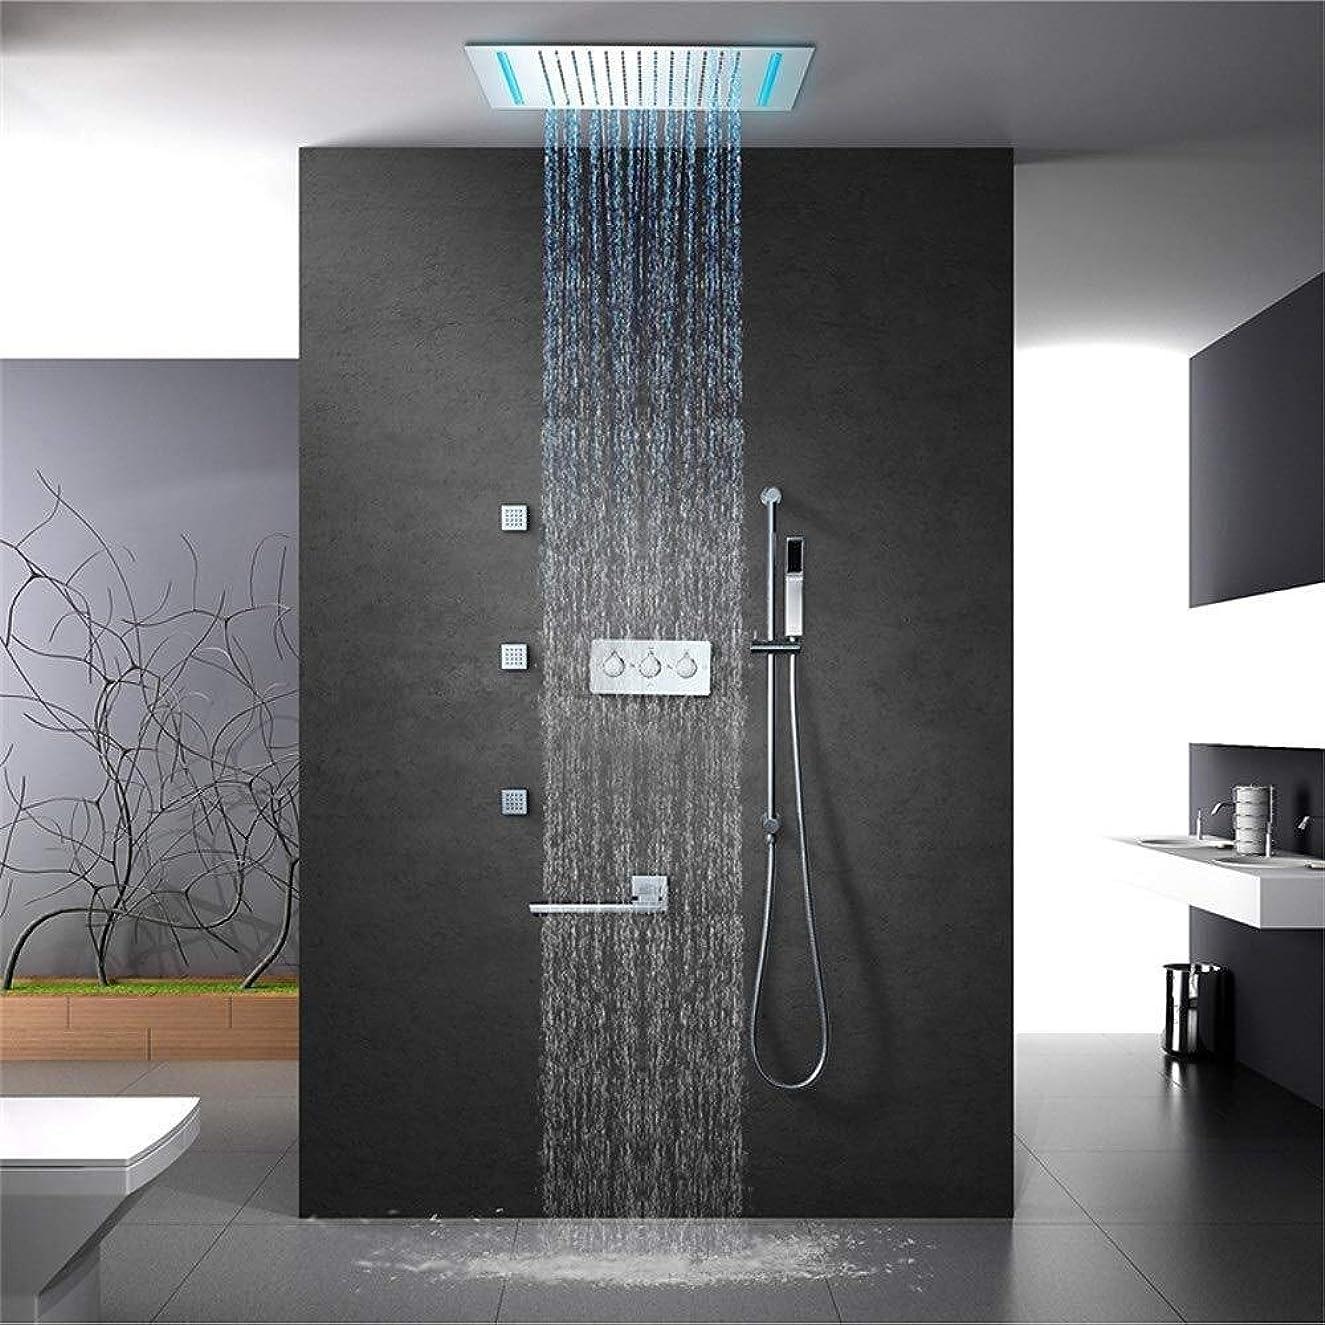 発火する唯一遺体安置所YASE-king 500件の* 360のトップスプレーシャワー単官能性固定シャワーヘッド四冷たい空いっぱい銅に隠されたシャワーの壁